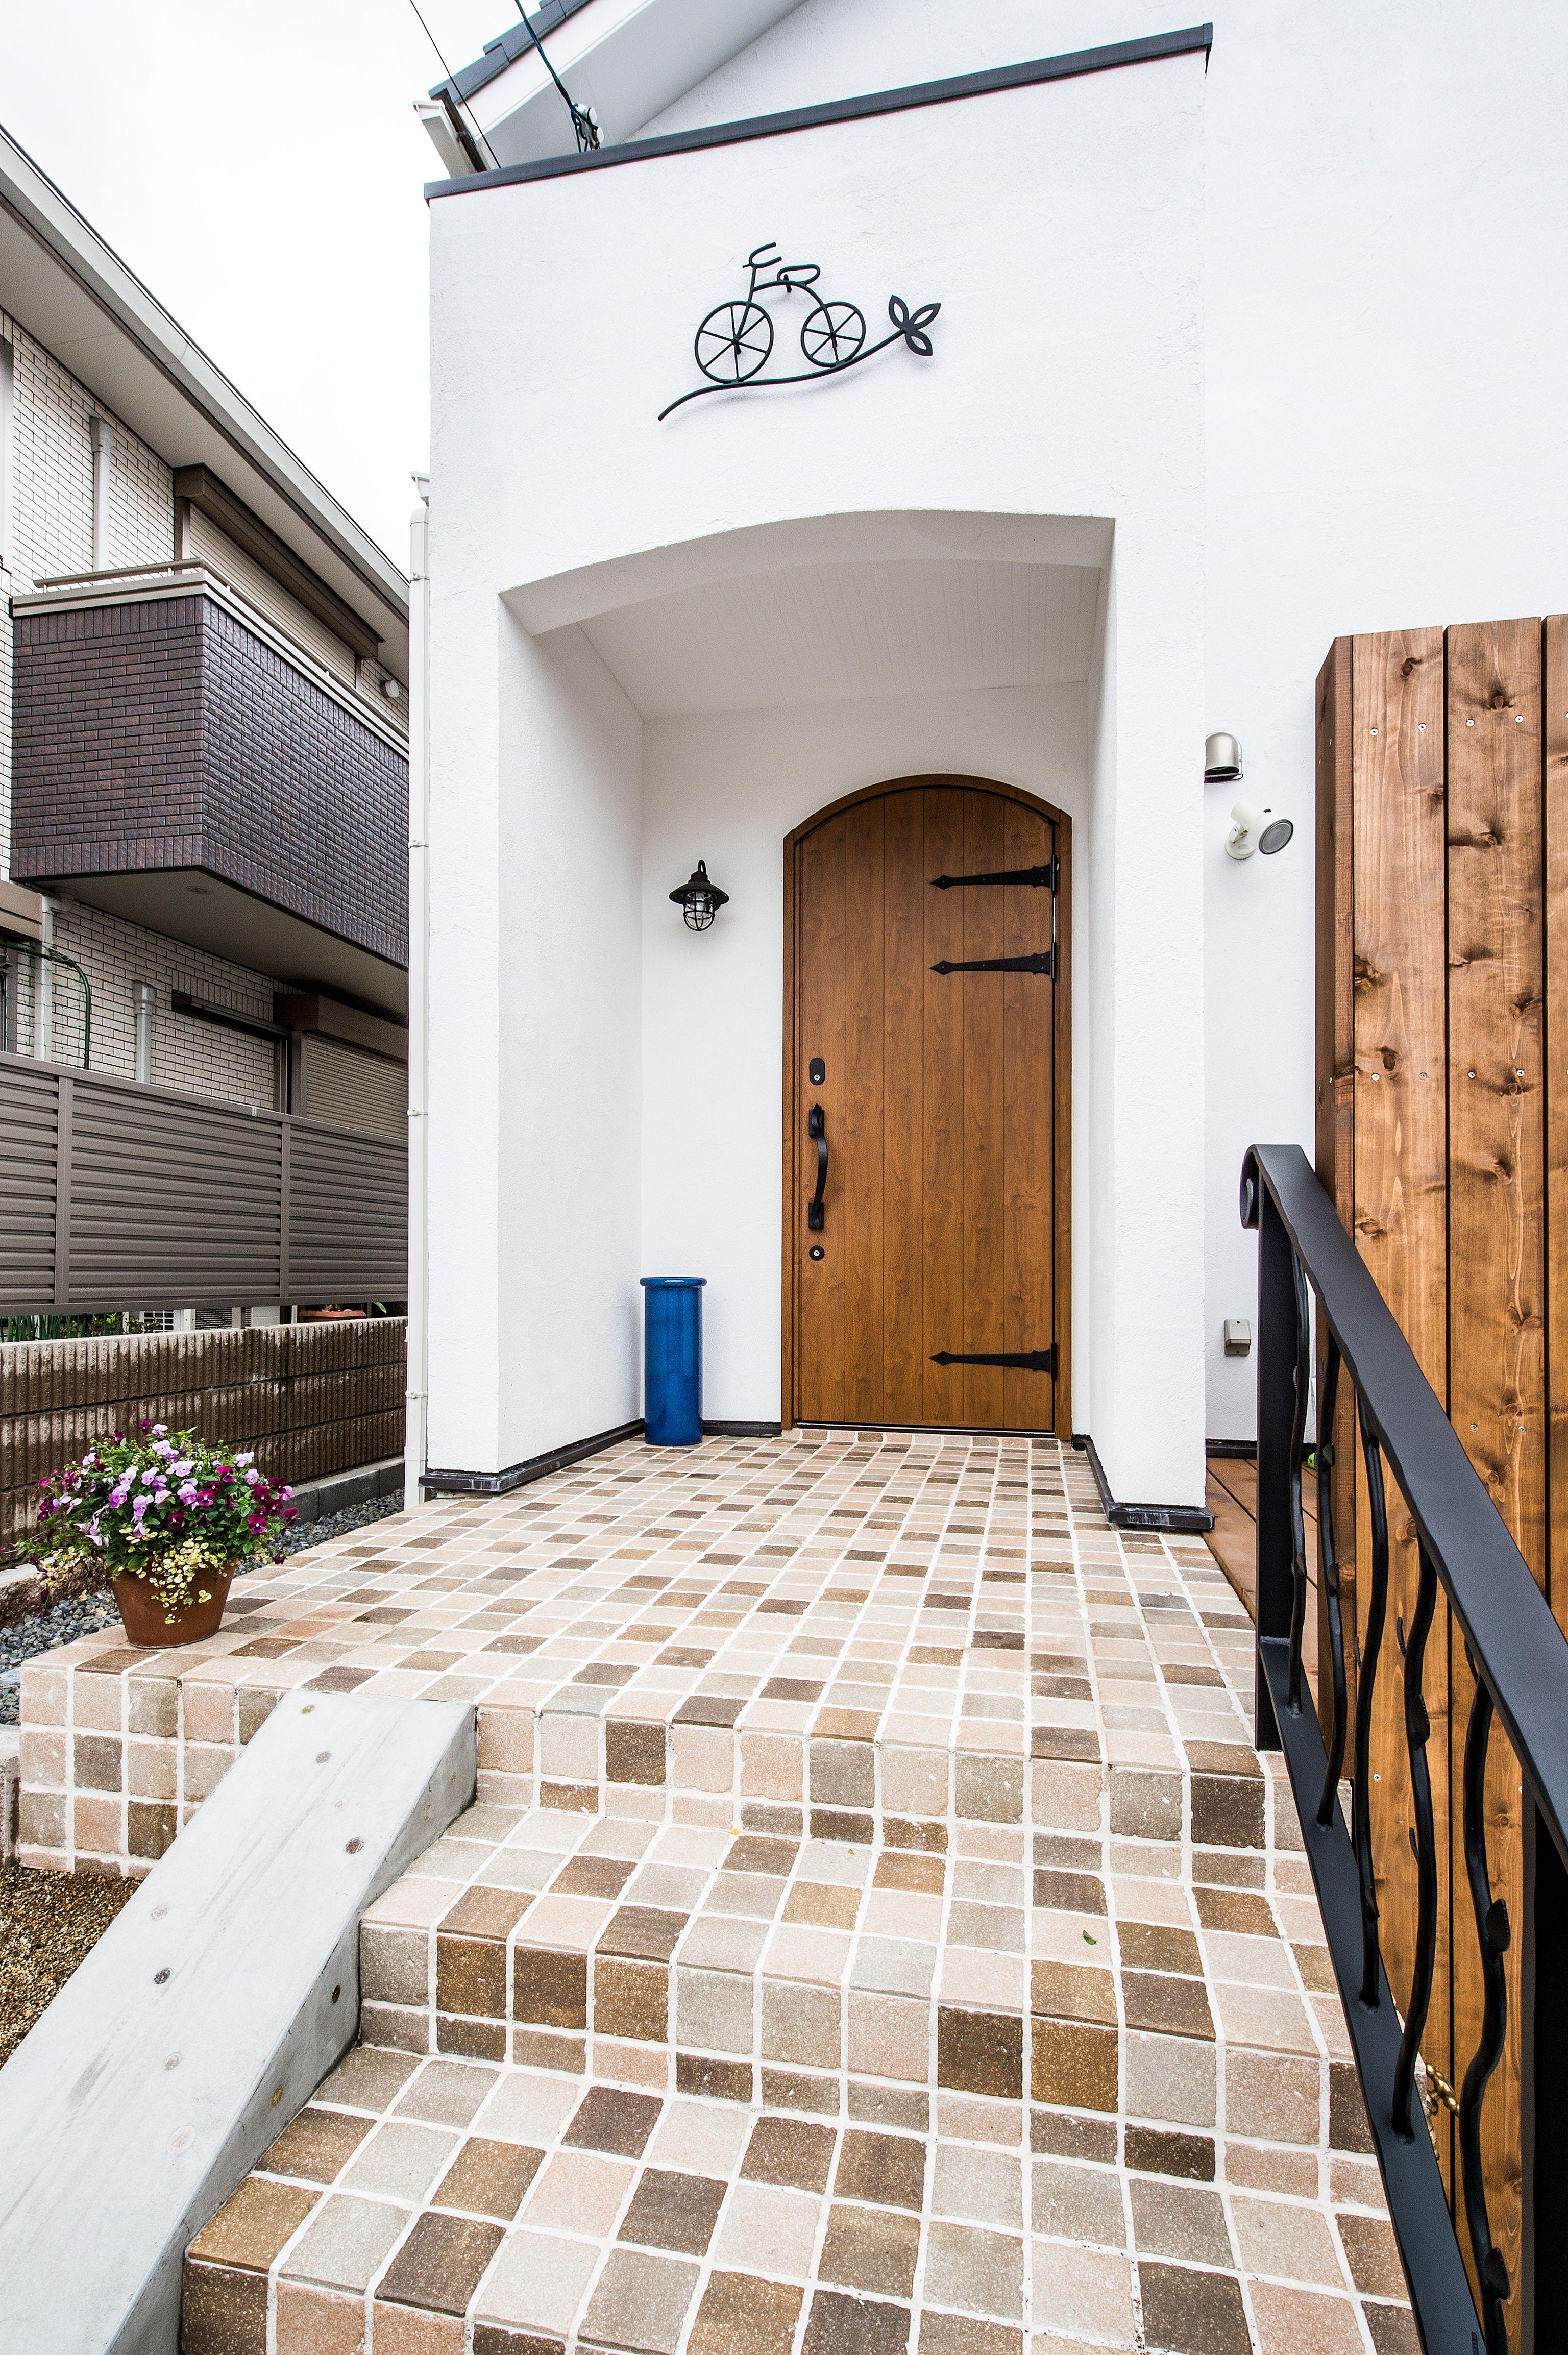 スペースラボ 玄関ポーチタイル かわいい タイル Garage Doors、tile Floor、exterior